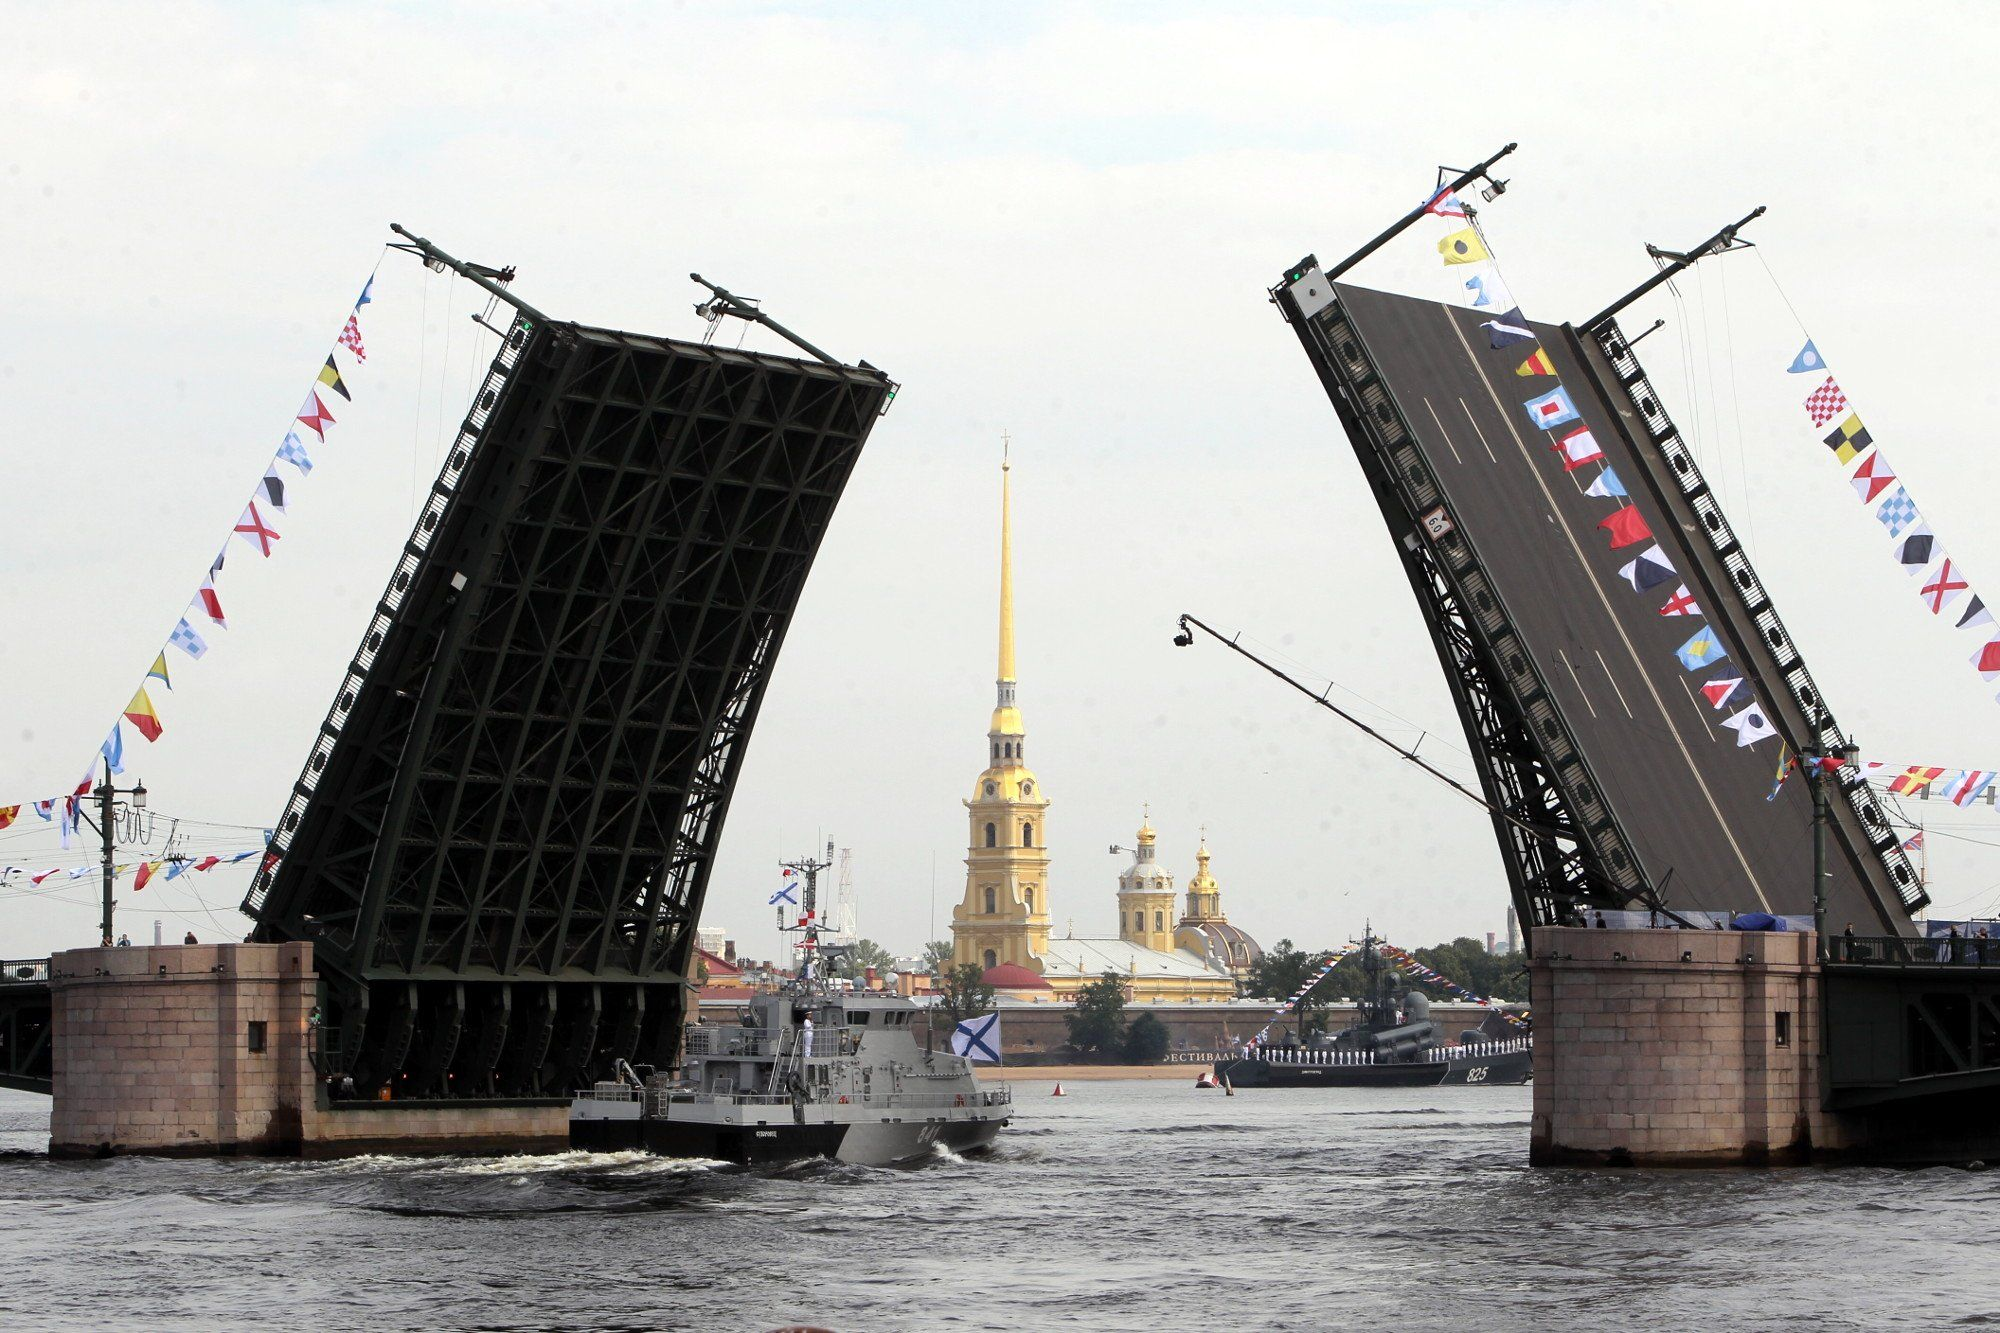 ВПетербурге катер врезался вопору Благовещенского моста